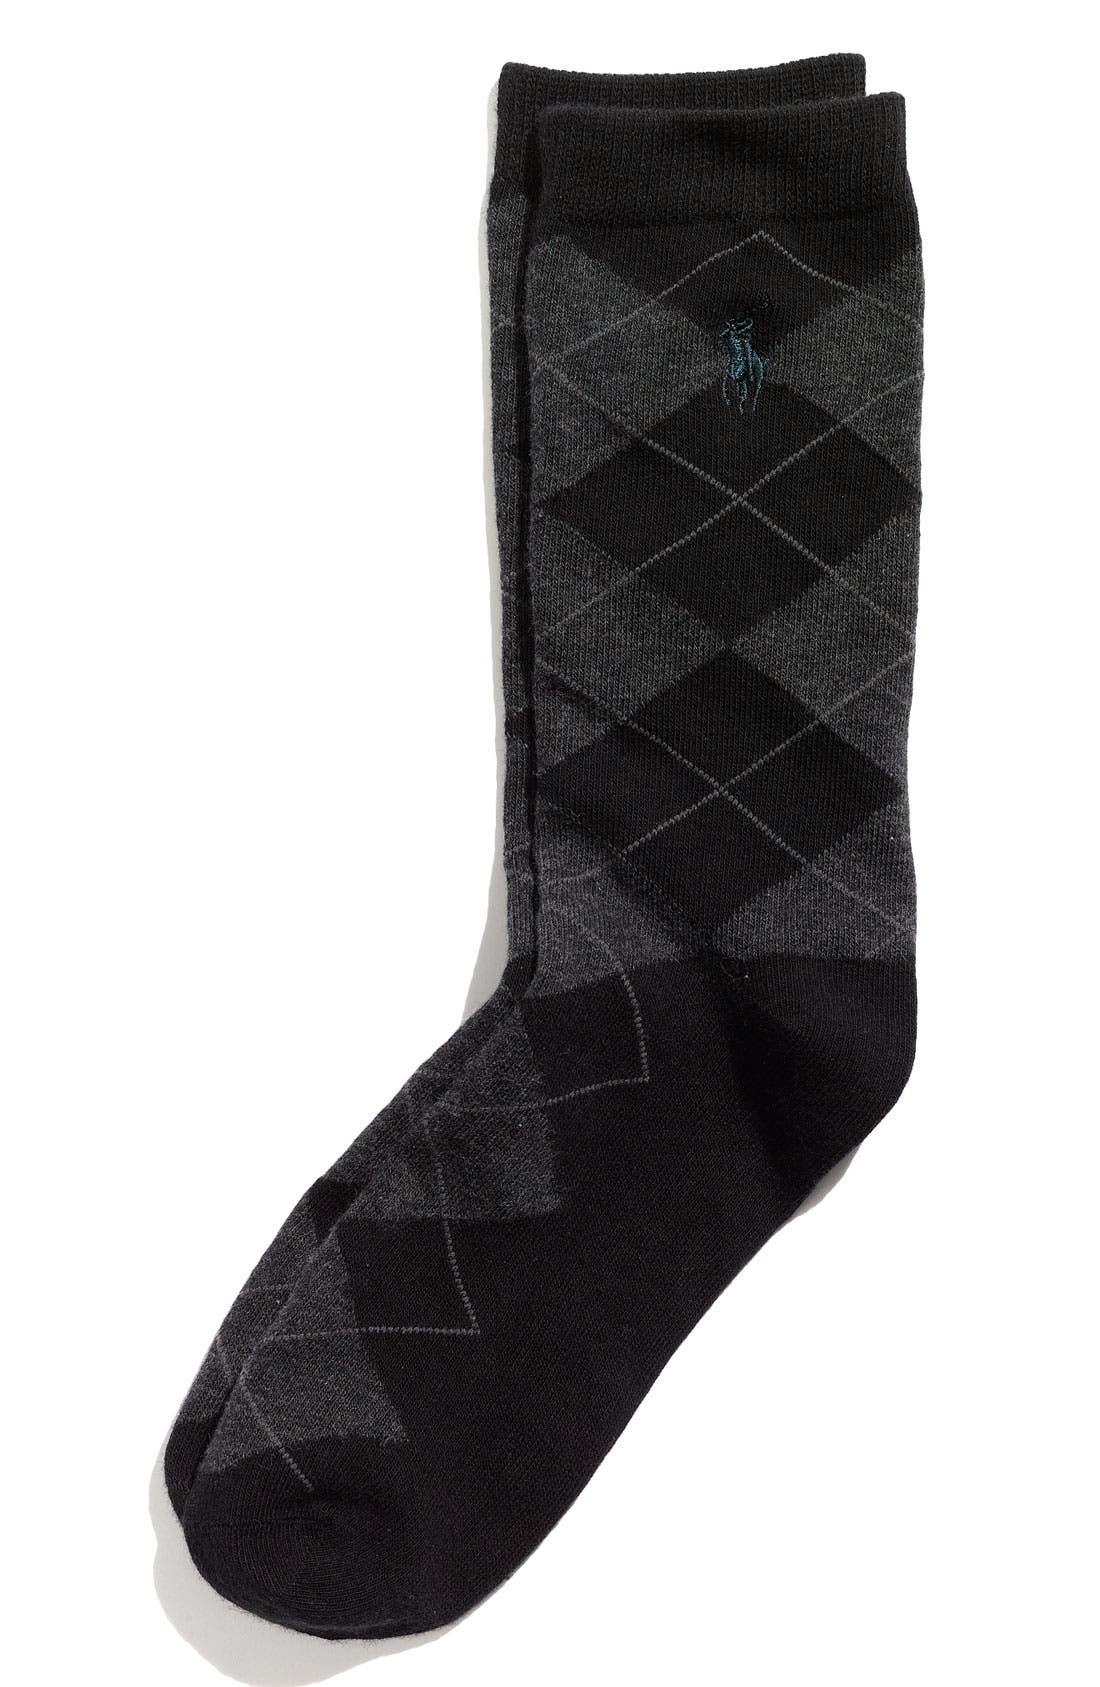 Alternate Image 1 Selected - Ralph Lauren Argyle Socks (Toddler, Little Boys & Big Boys)